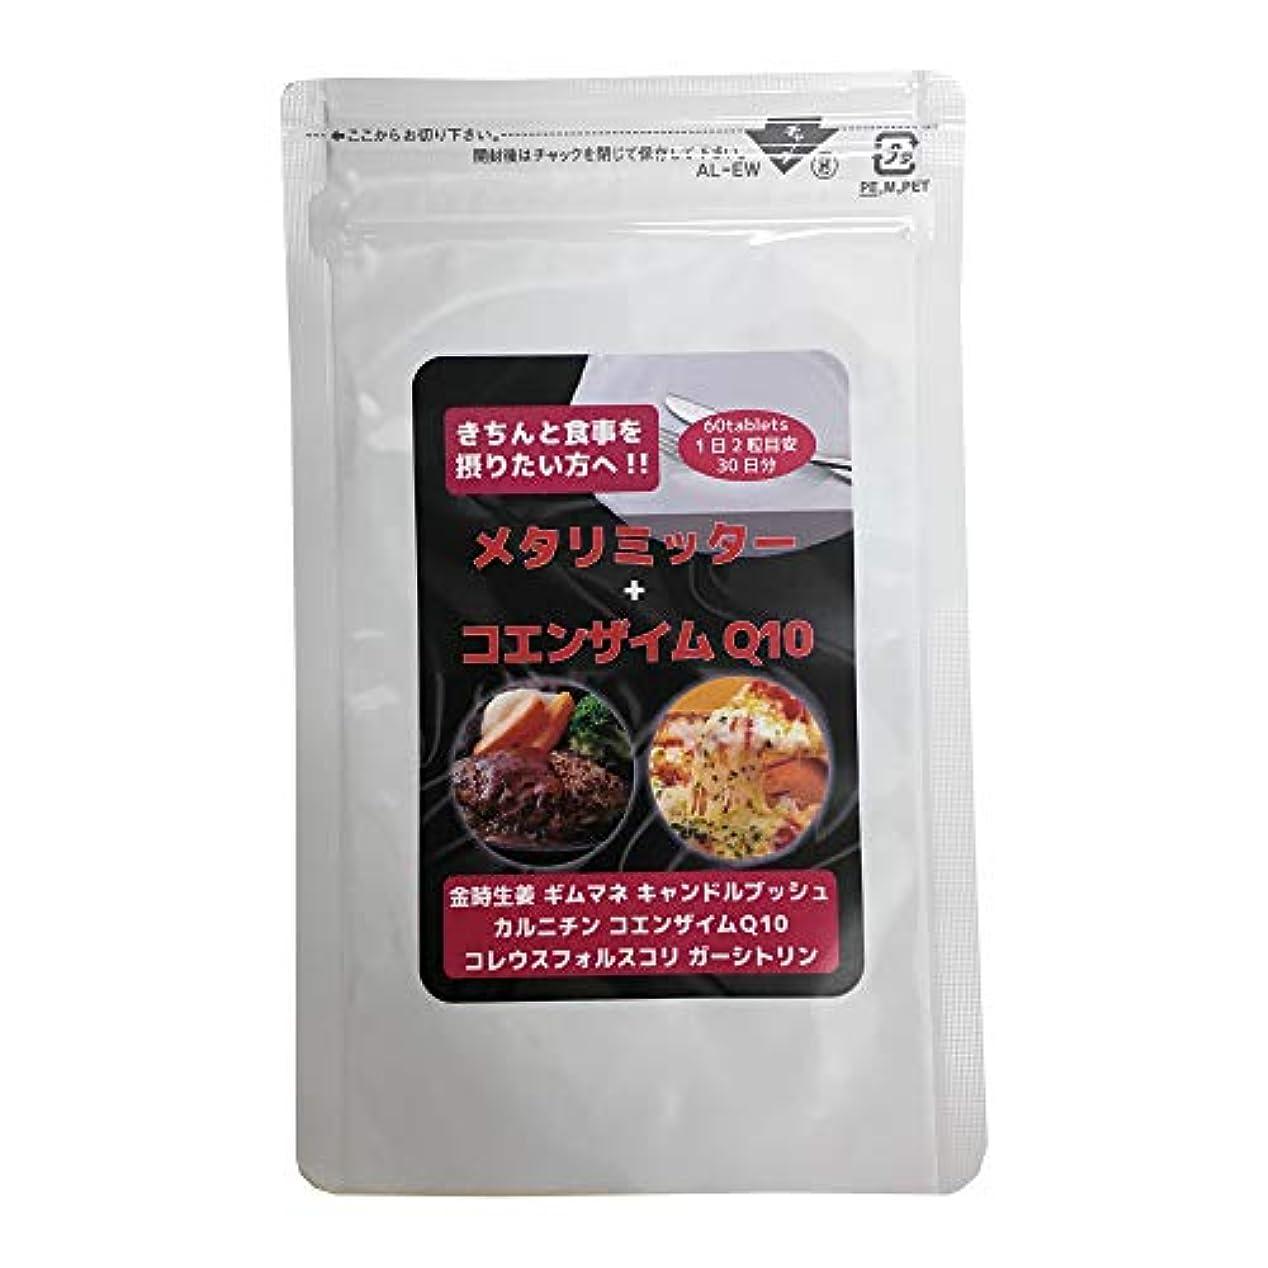 ロータリー通貨プロフィールメタリミッター + コエンザイムQ10 キャンドルブッシュ 配合 ダイエット サプリ 30日分/60粒